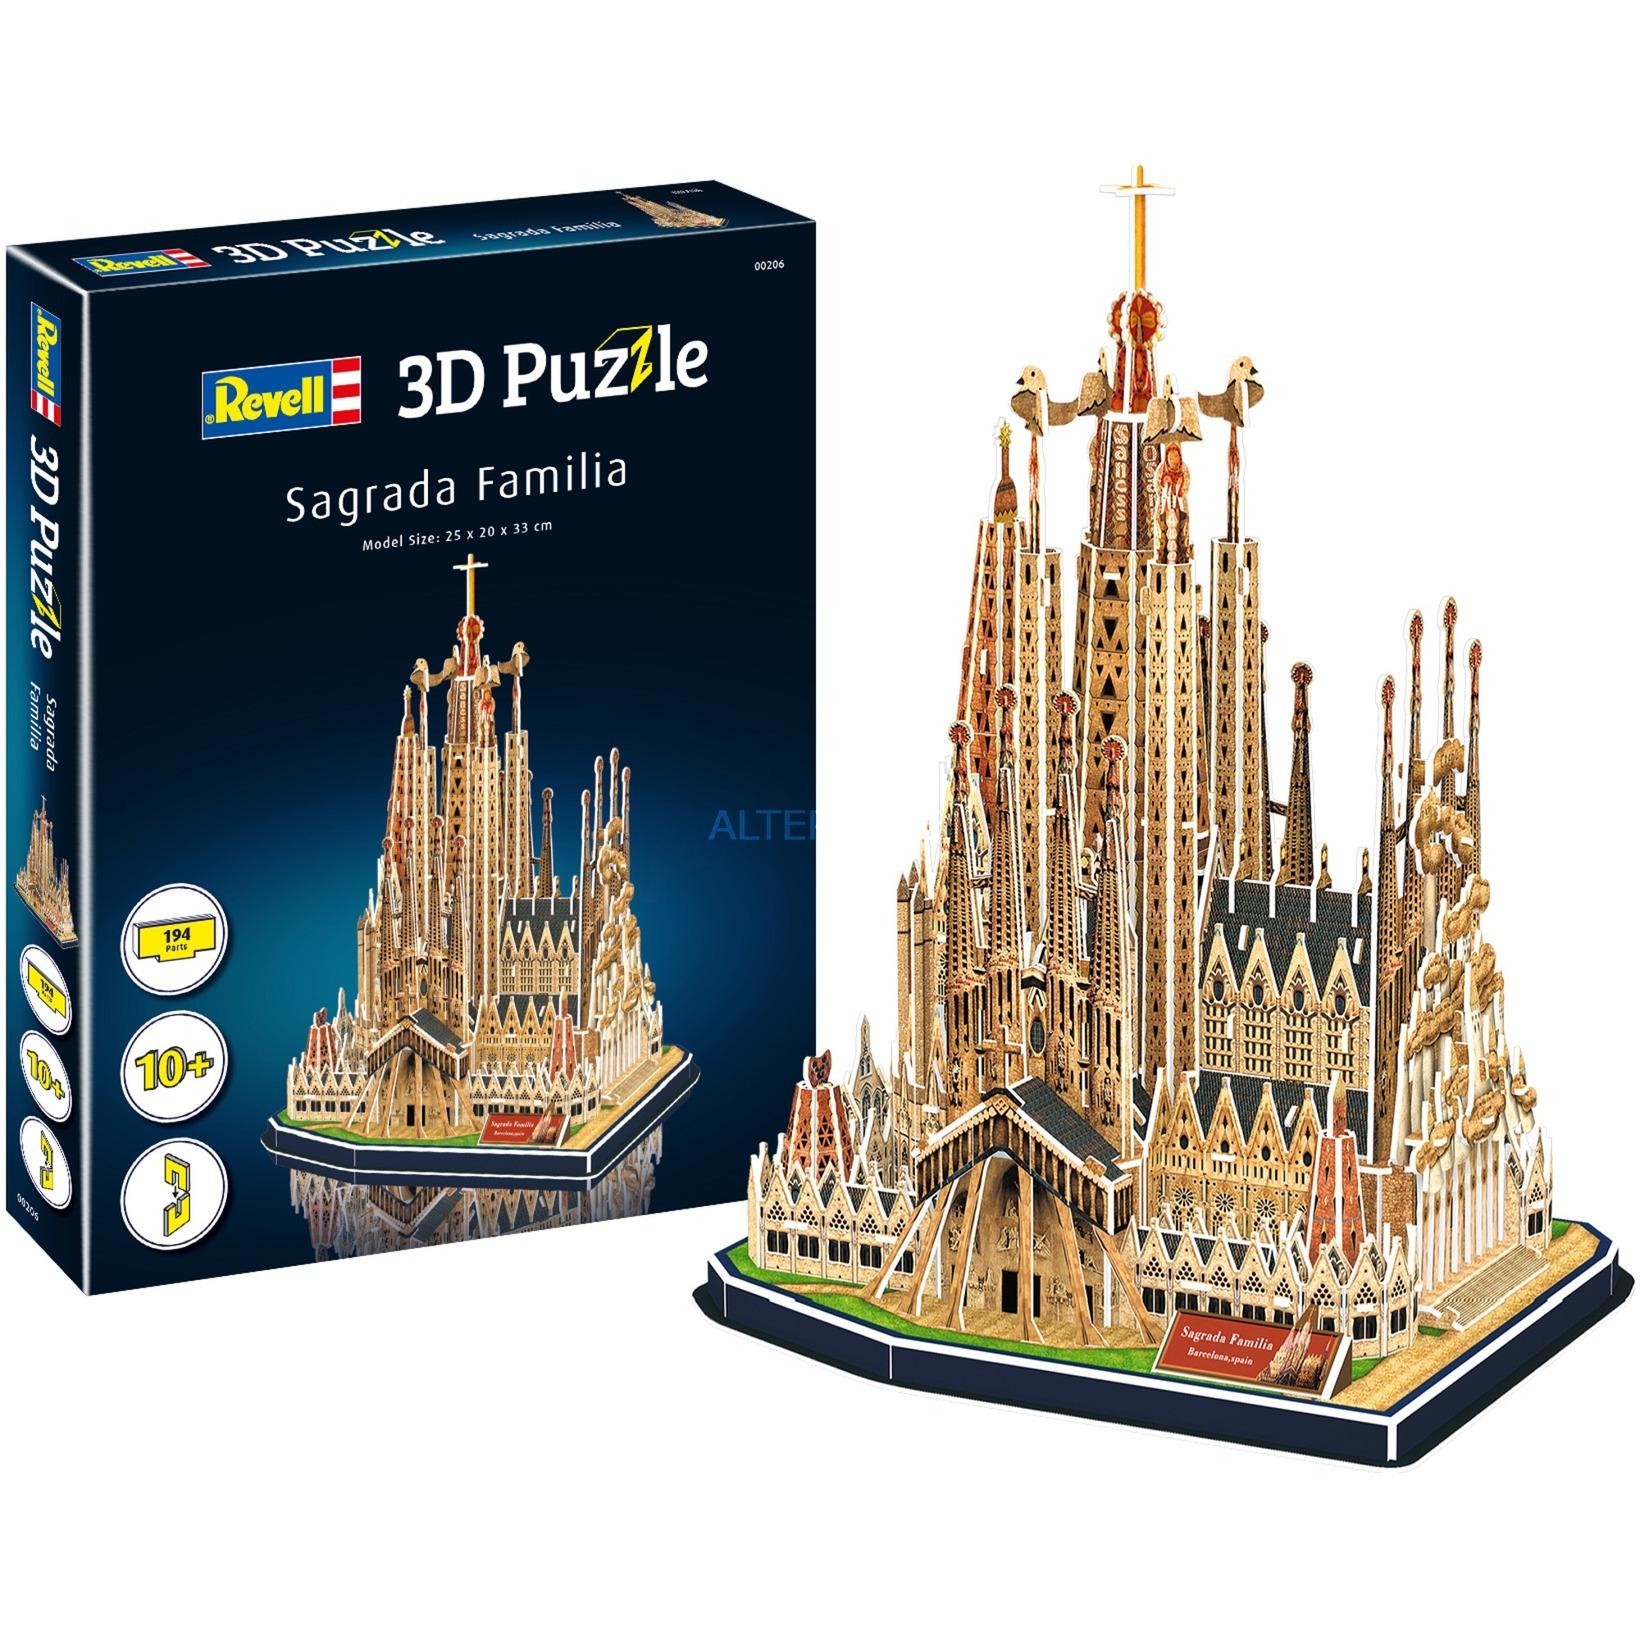 00206, Puzzle